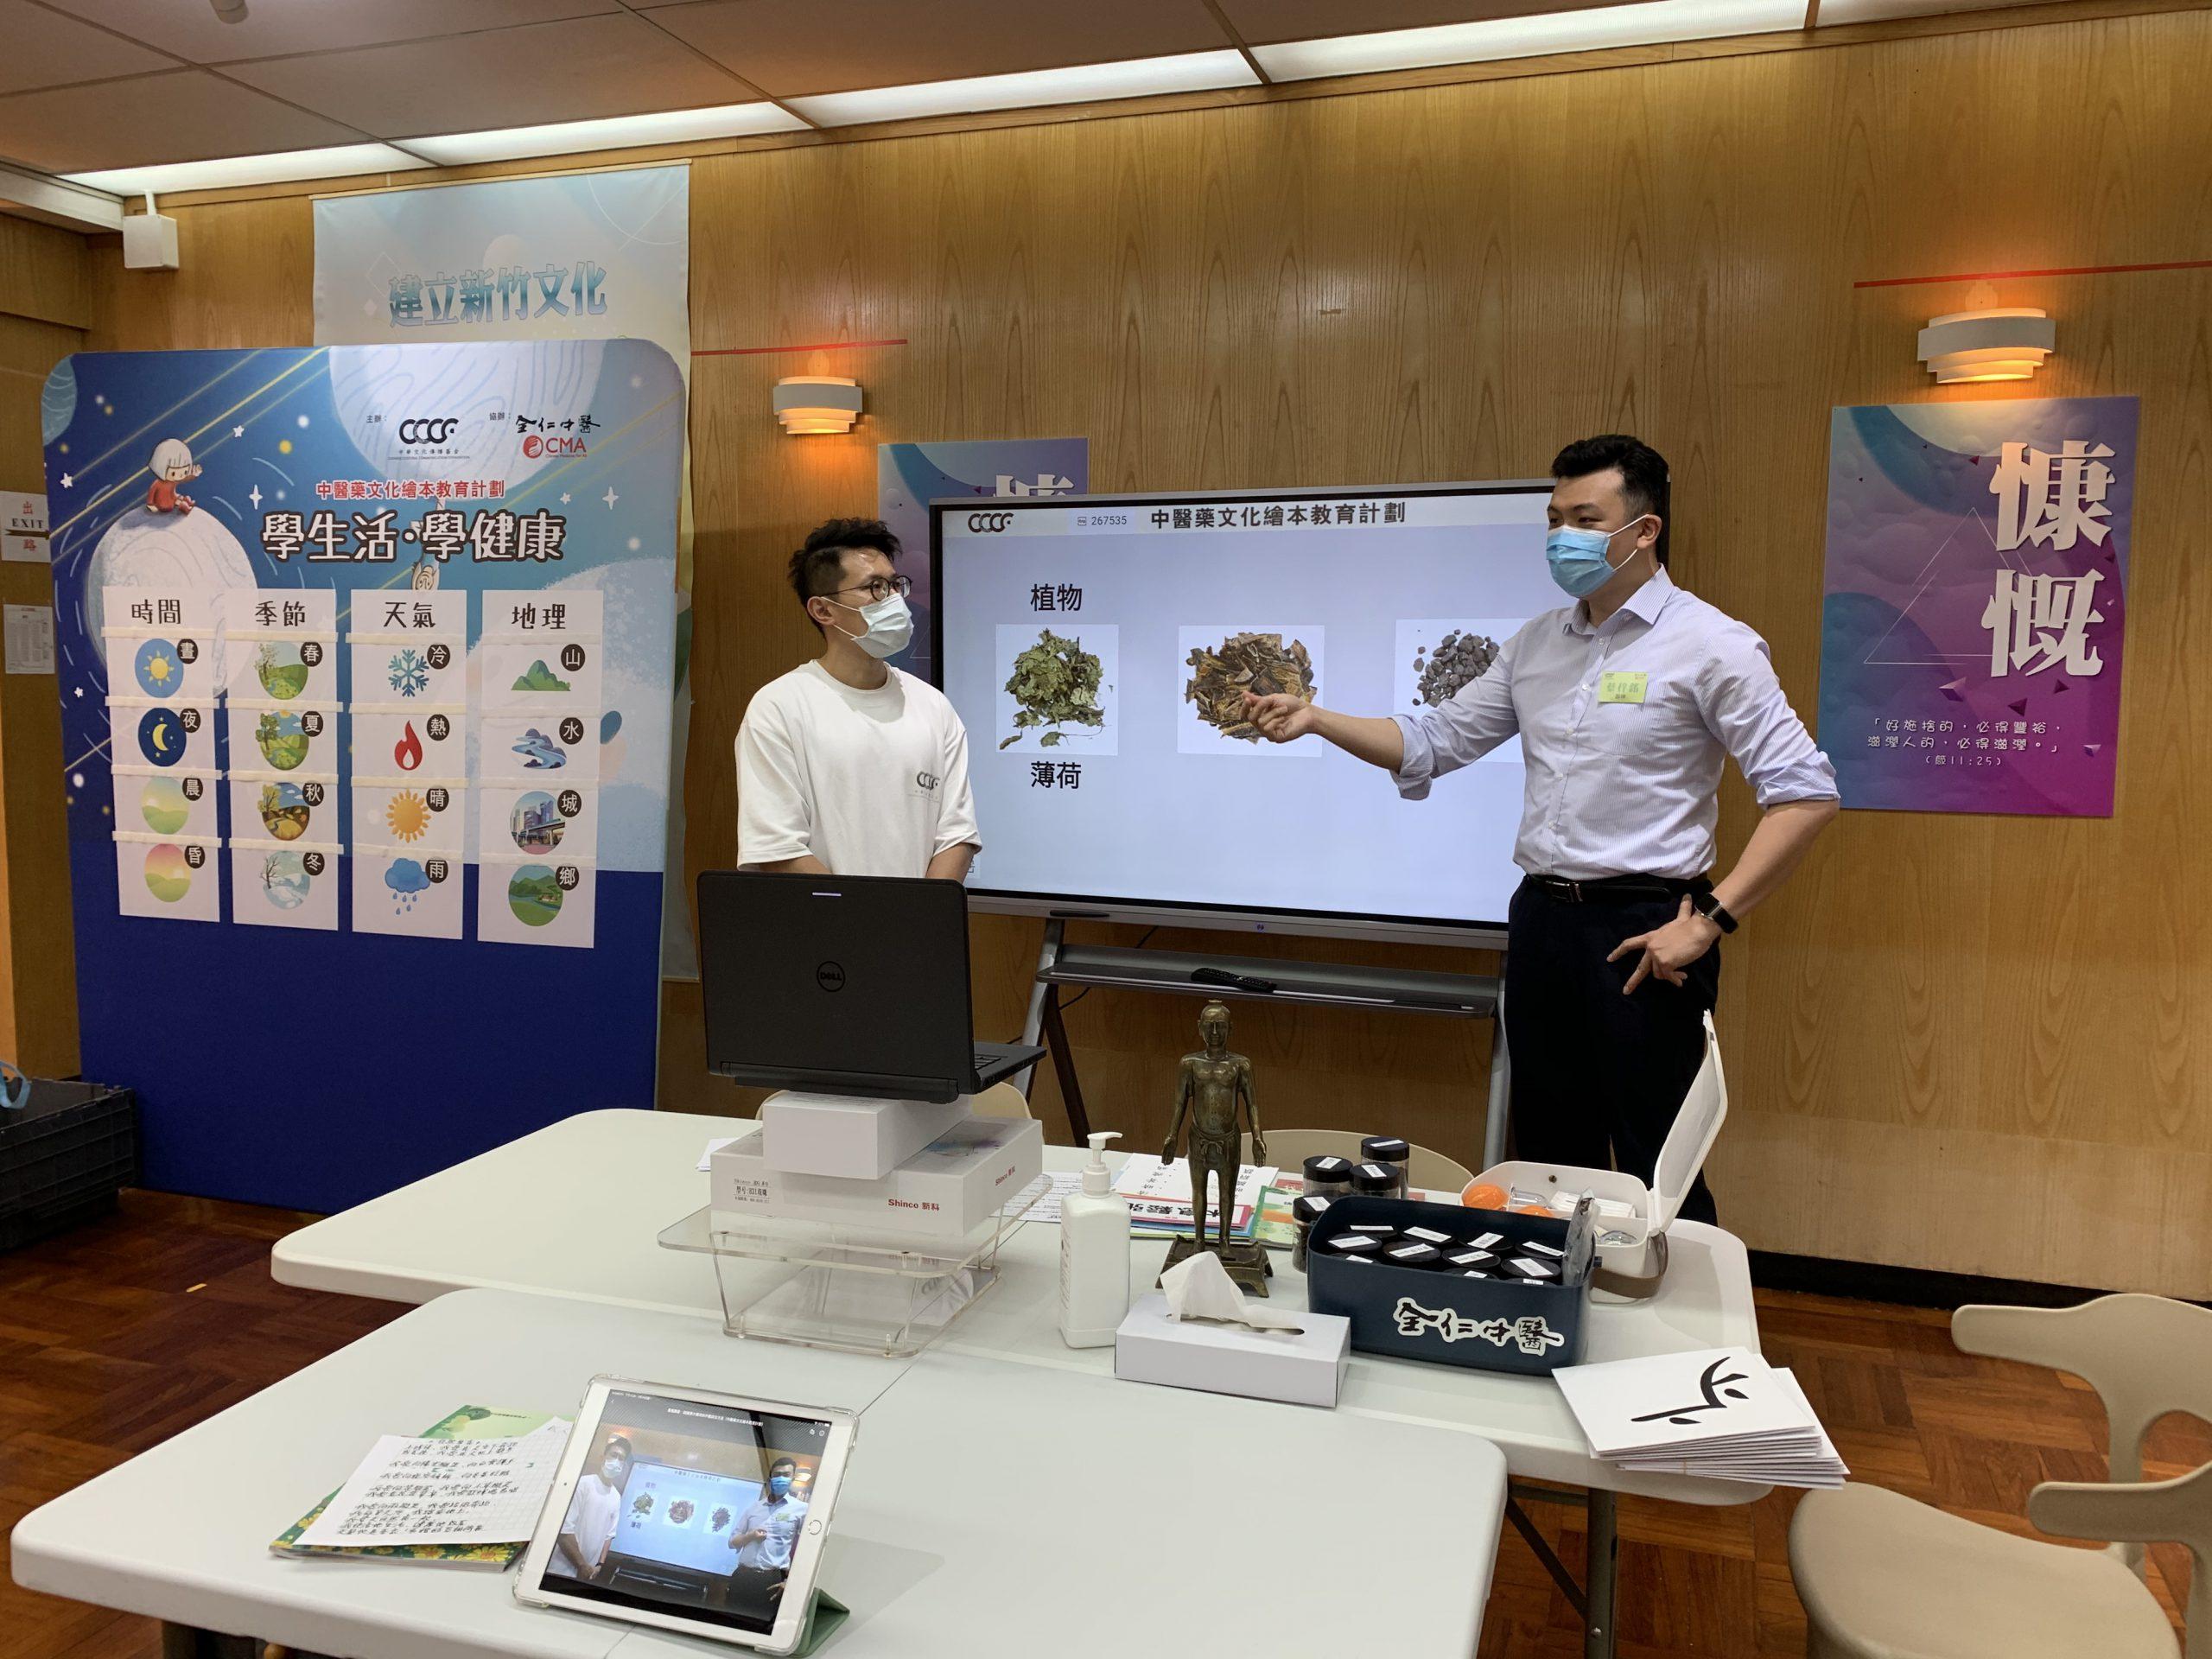 中醫講座 – 小學校訪活動 – 德萃教育機構